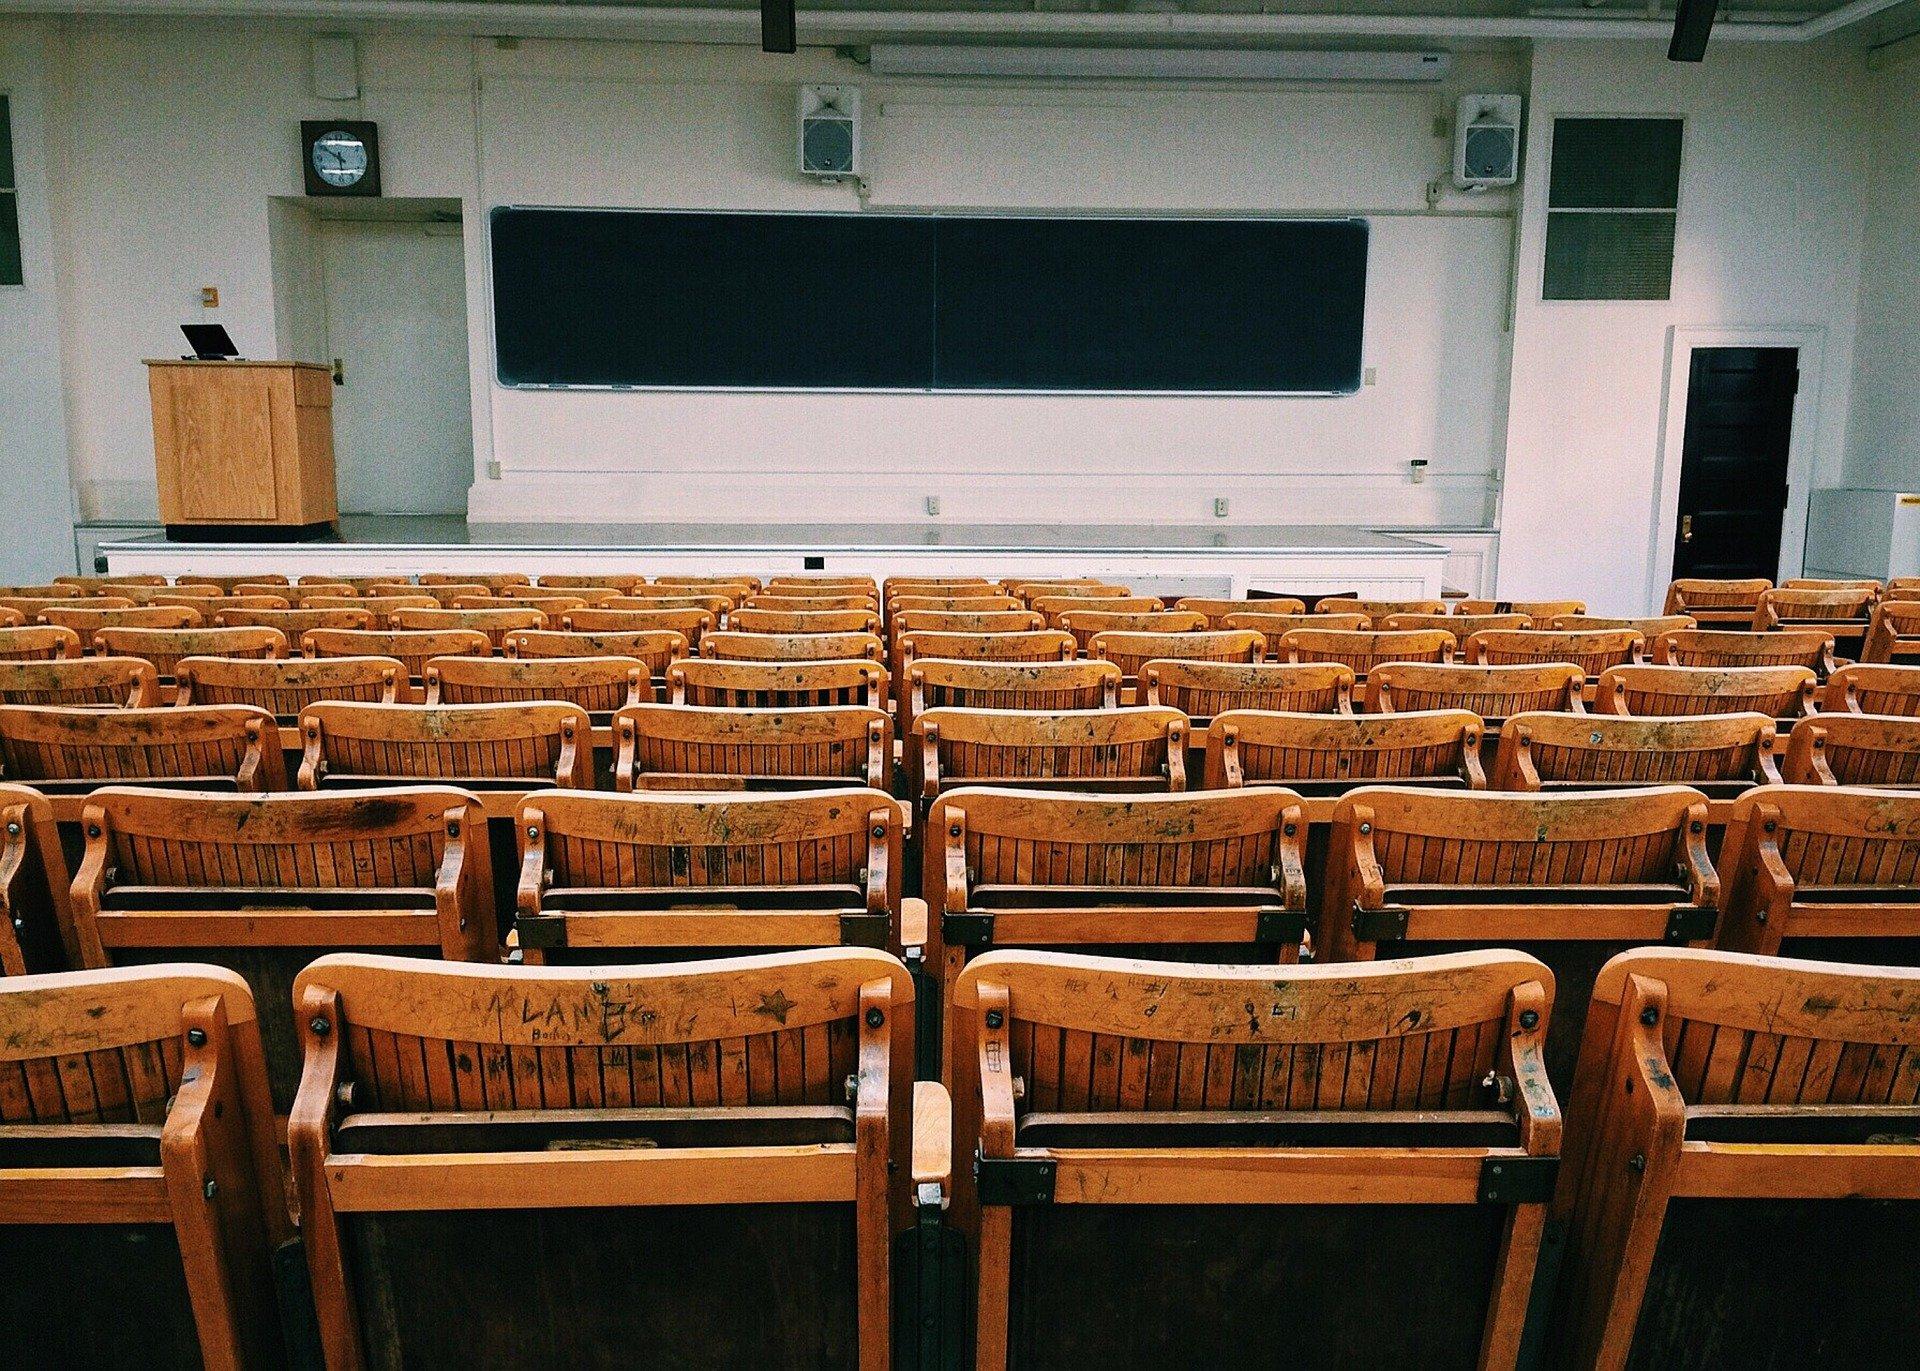 Aprender inglés en Houston puede transformar tu futuro académico